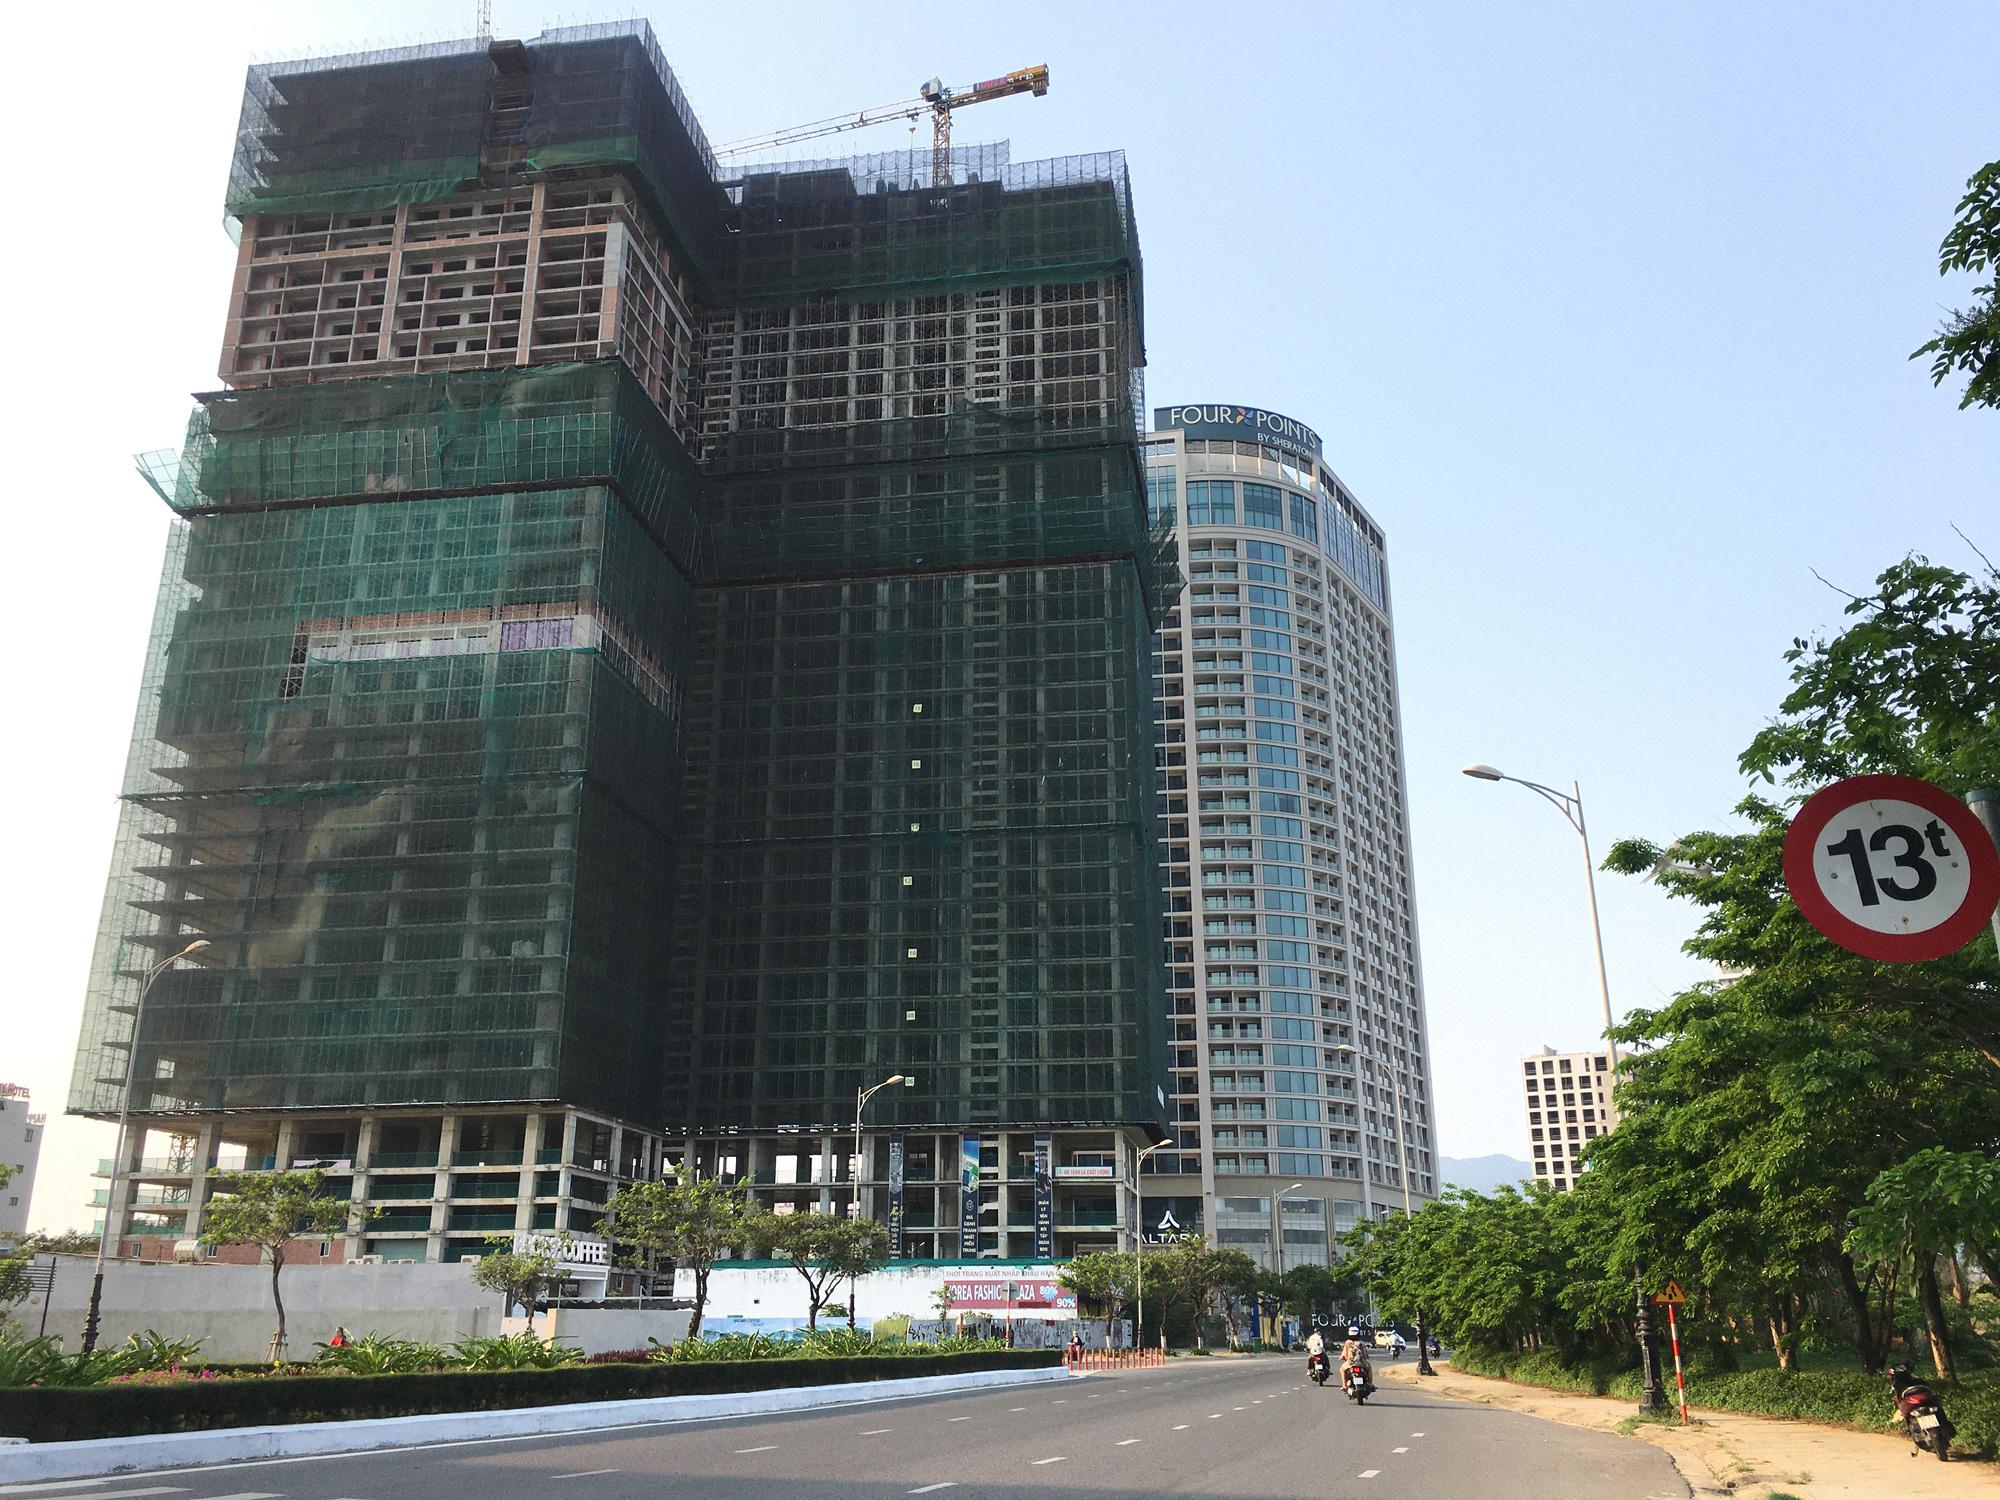 Khách sạn, công trình xây dựng ven biển, các hãng thời trang lớn ở Đà Nẵng đóng cửa hàng loạt trước ngày 'cách li toàn xã hội' - Ảnh 12.